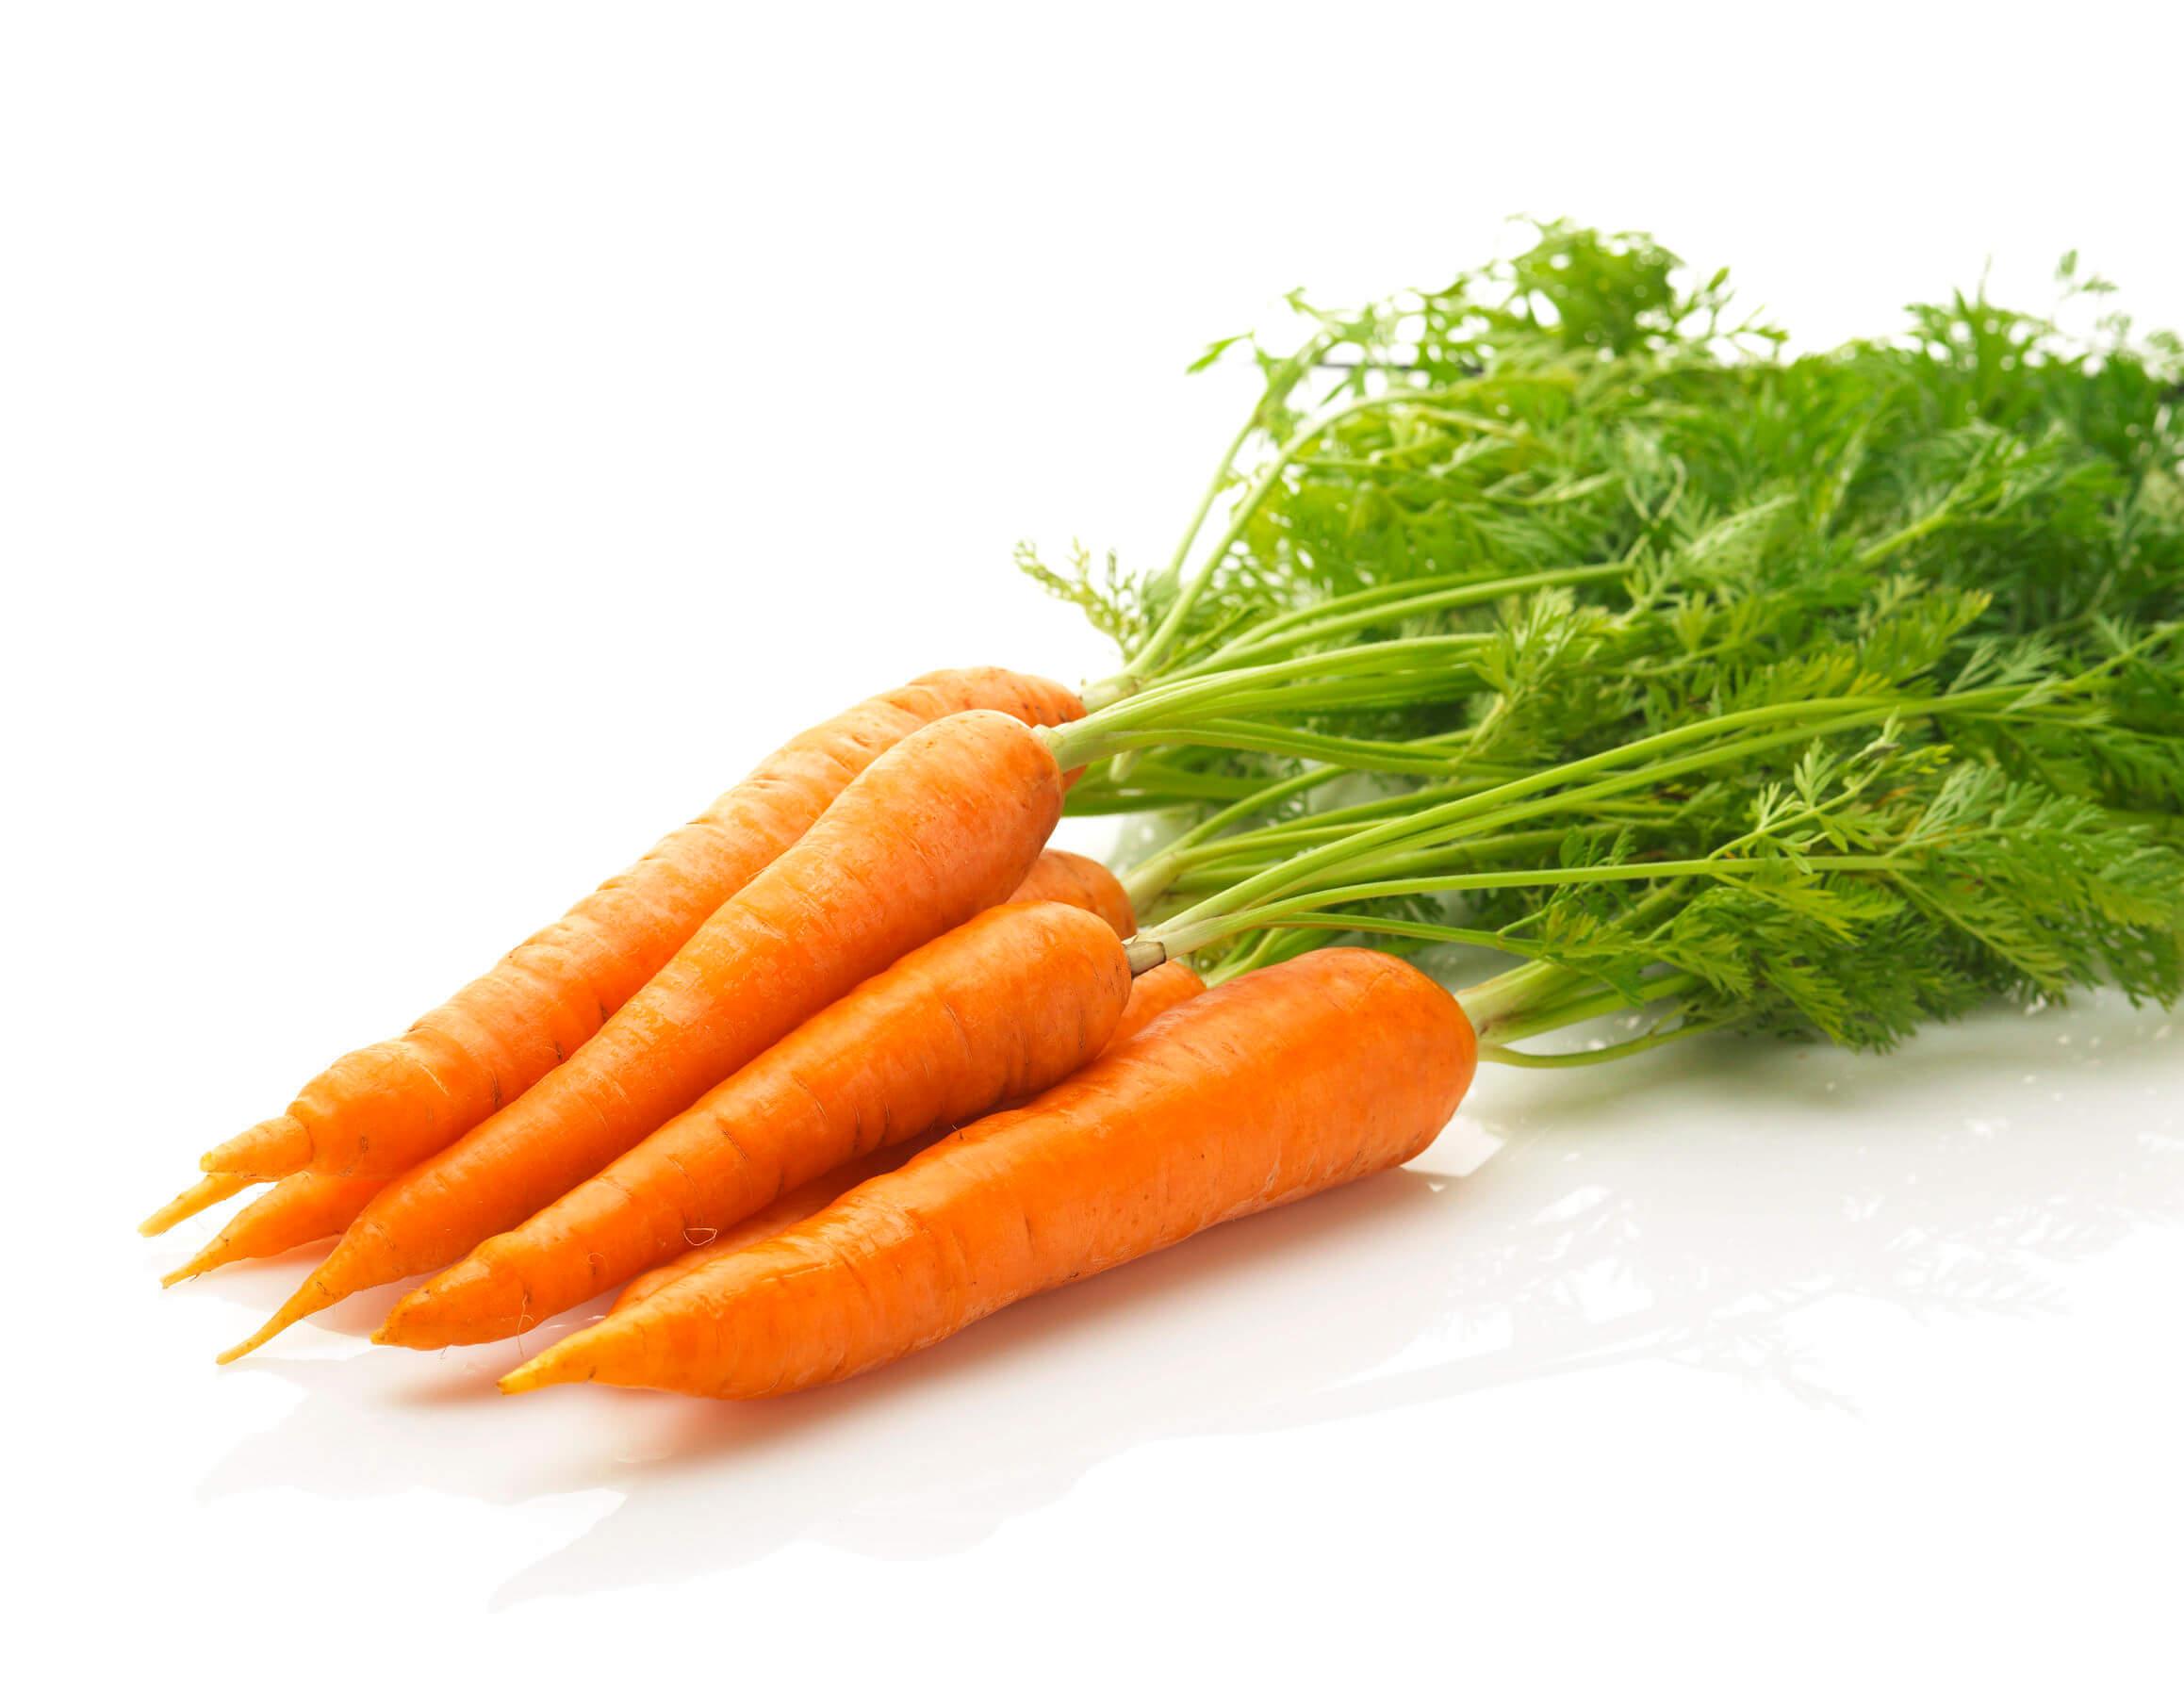 Le carote sono un'ottima fonte di beta caroteni